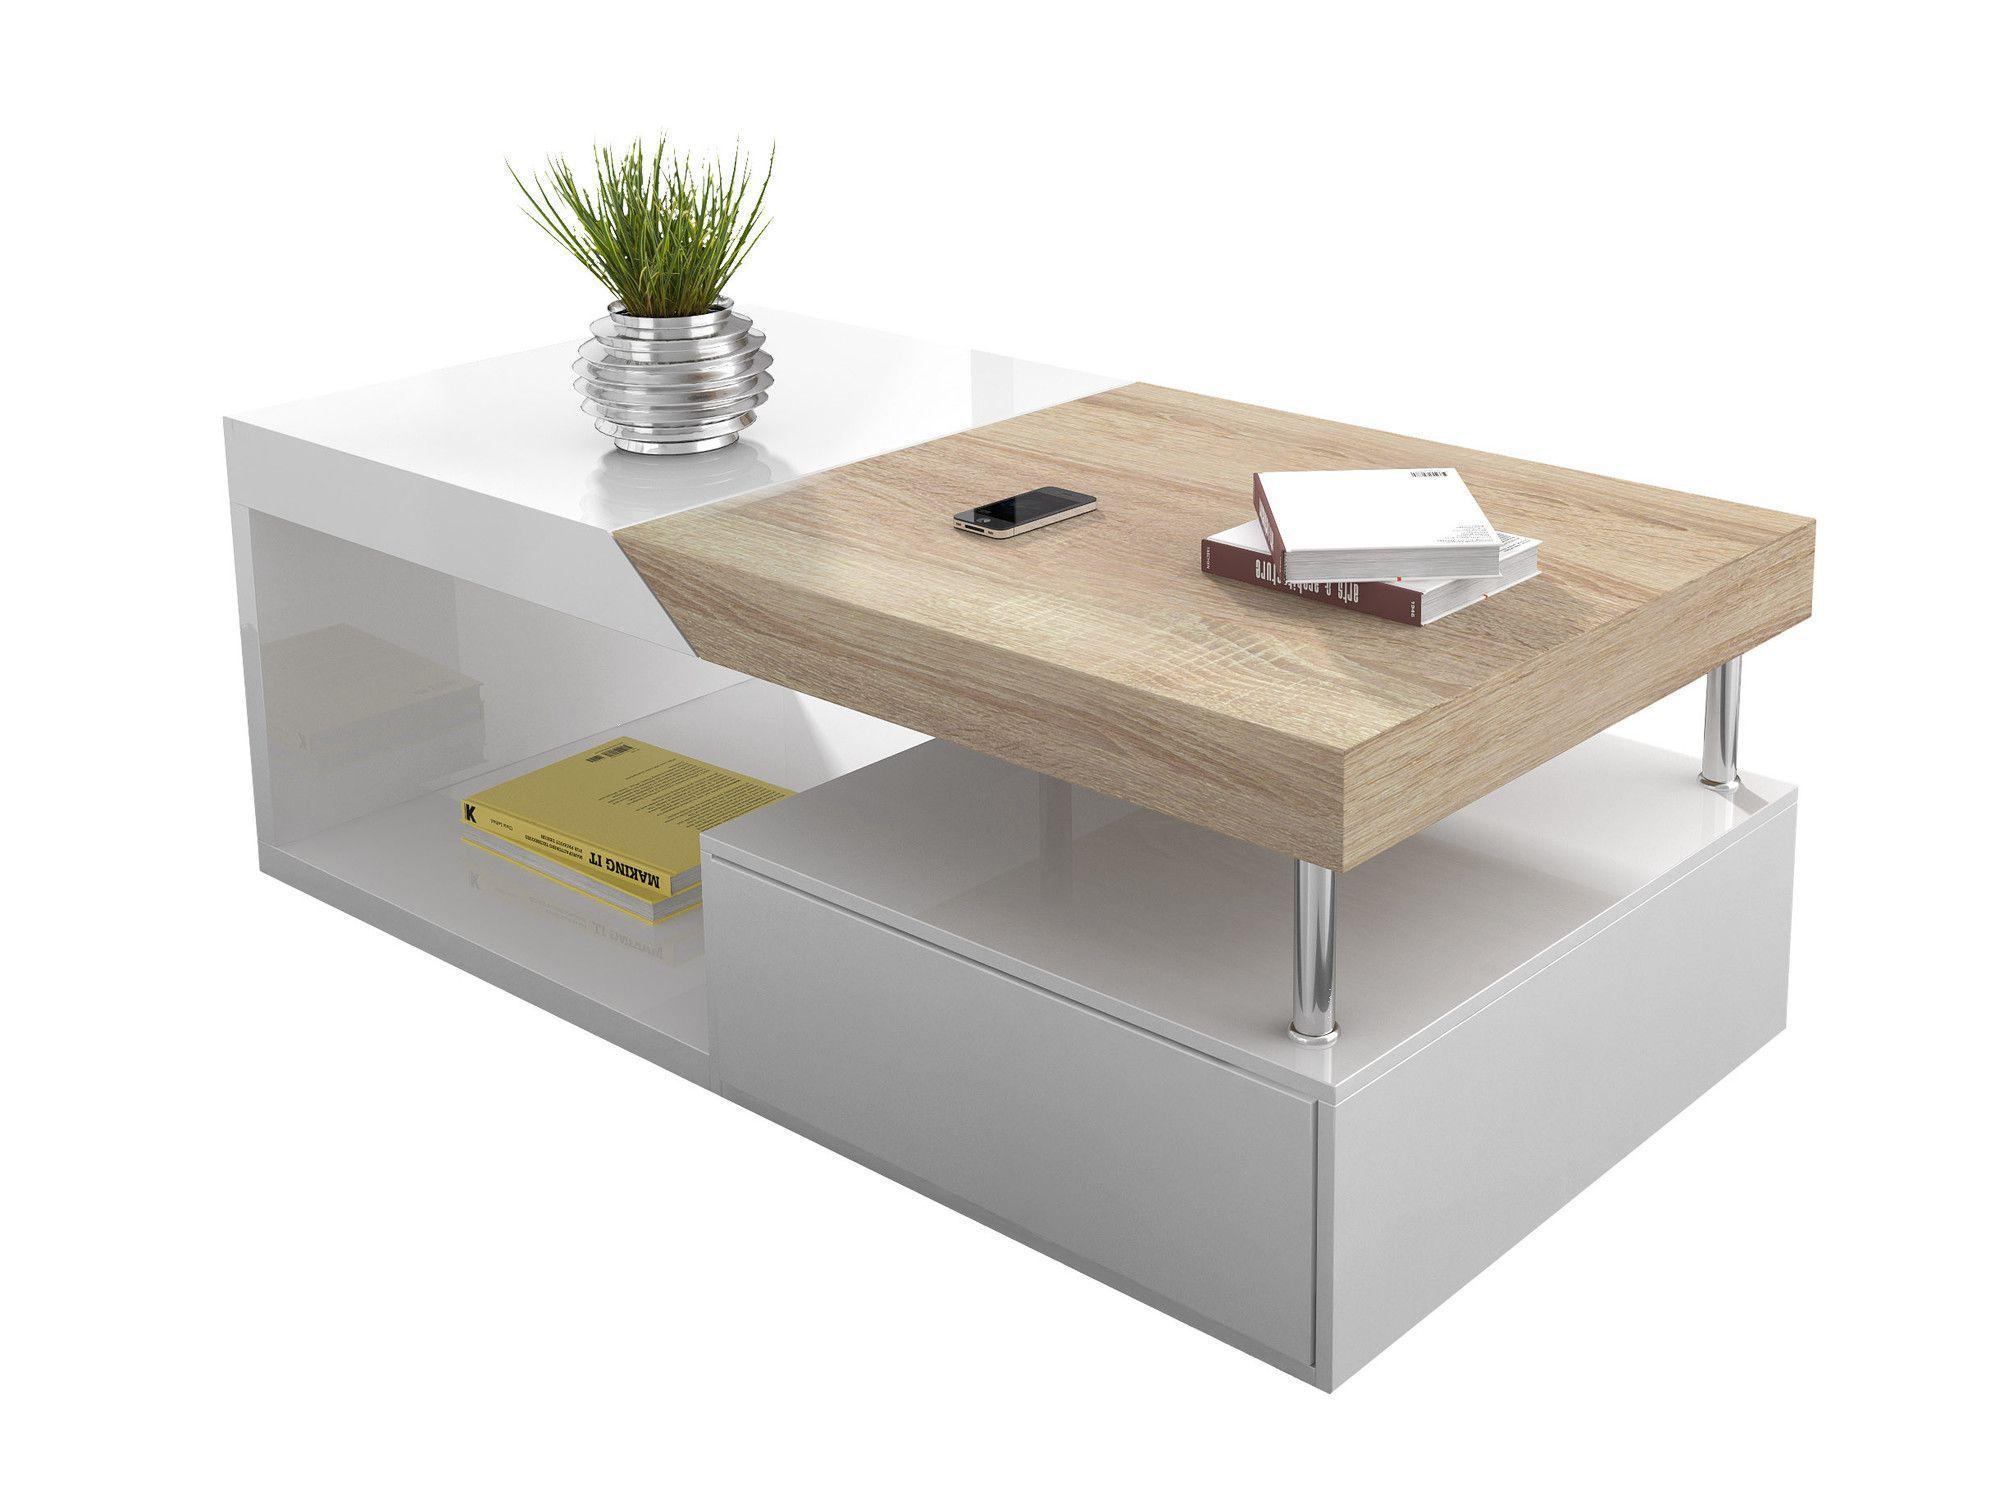 Table Basse Avec Rangement Coloris Blanc Laque Et Bois Table Basse Blanc Laque Table Basse Blanc Et Table Basse Rangement